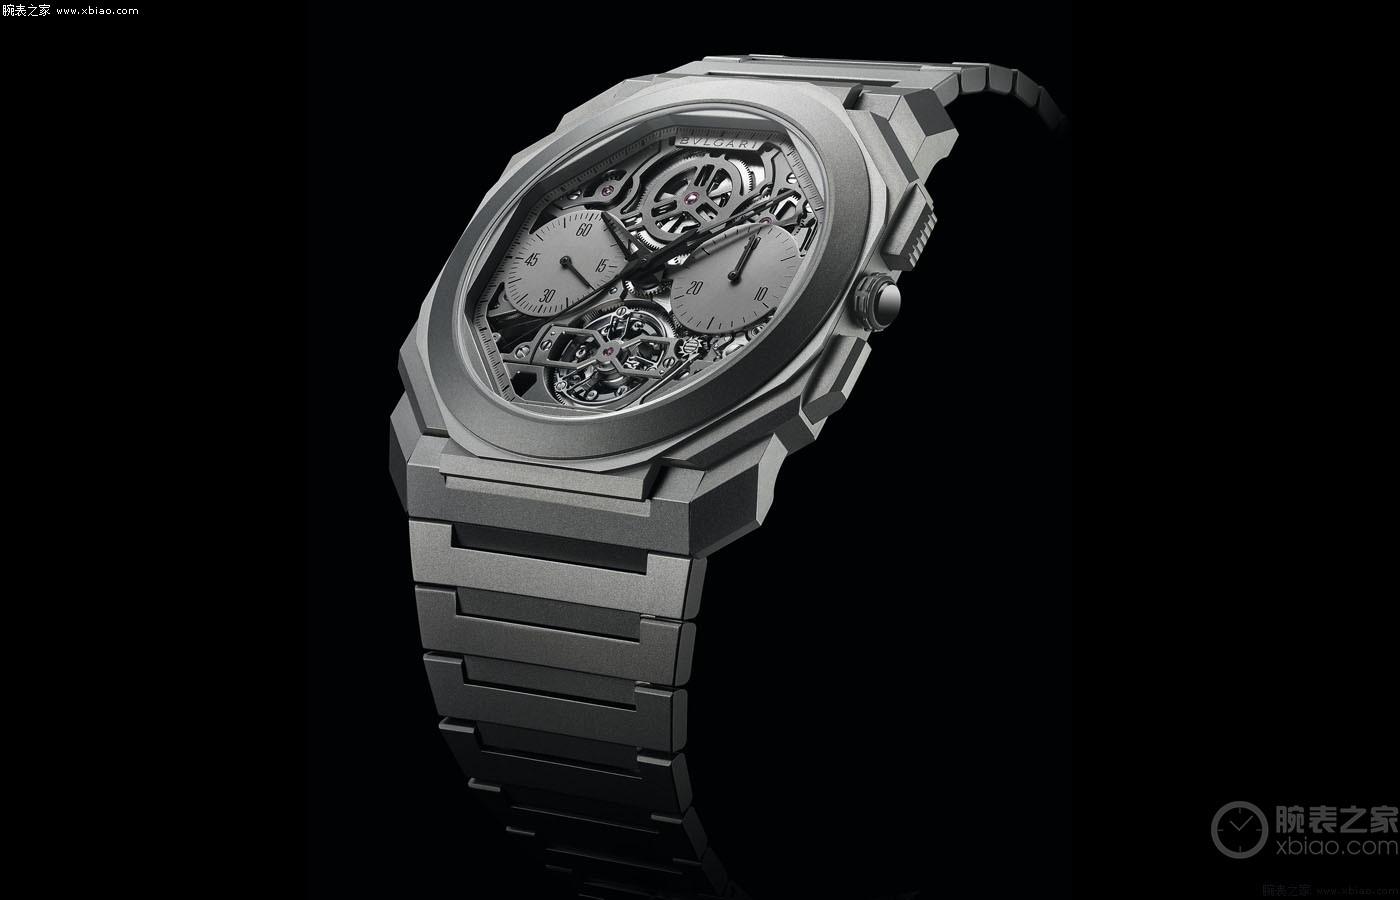 制表行业史上十大最薄机械腕表